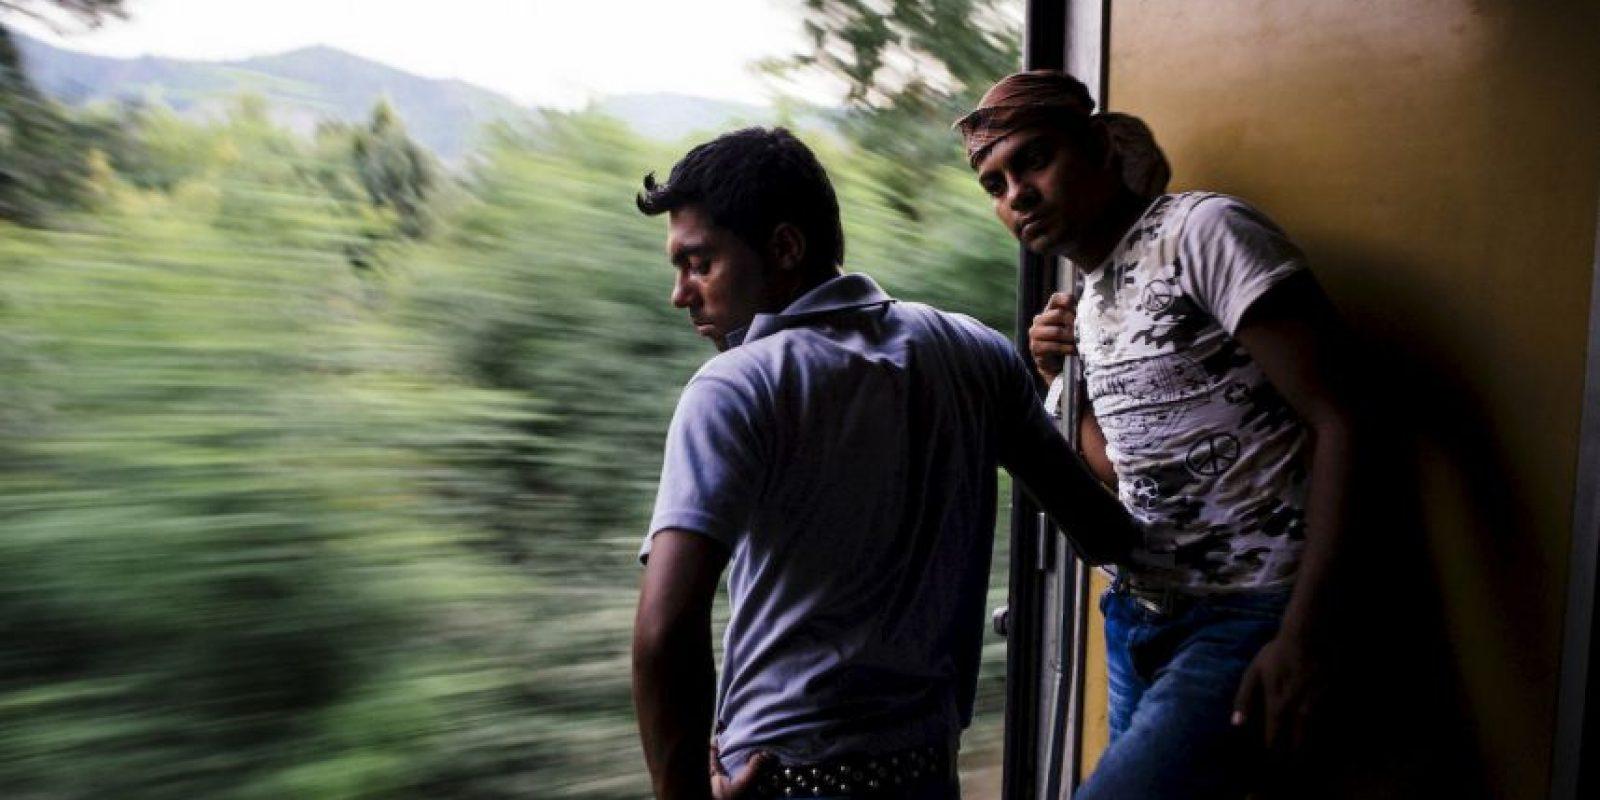 Migrantes en la frontera con Serbia. Foto:AFP